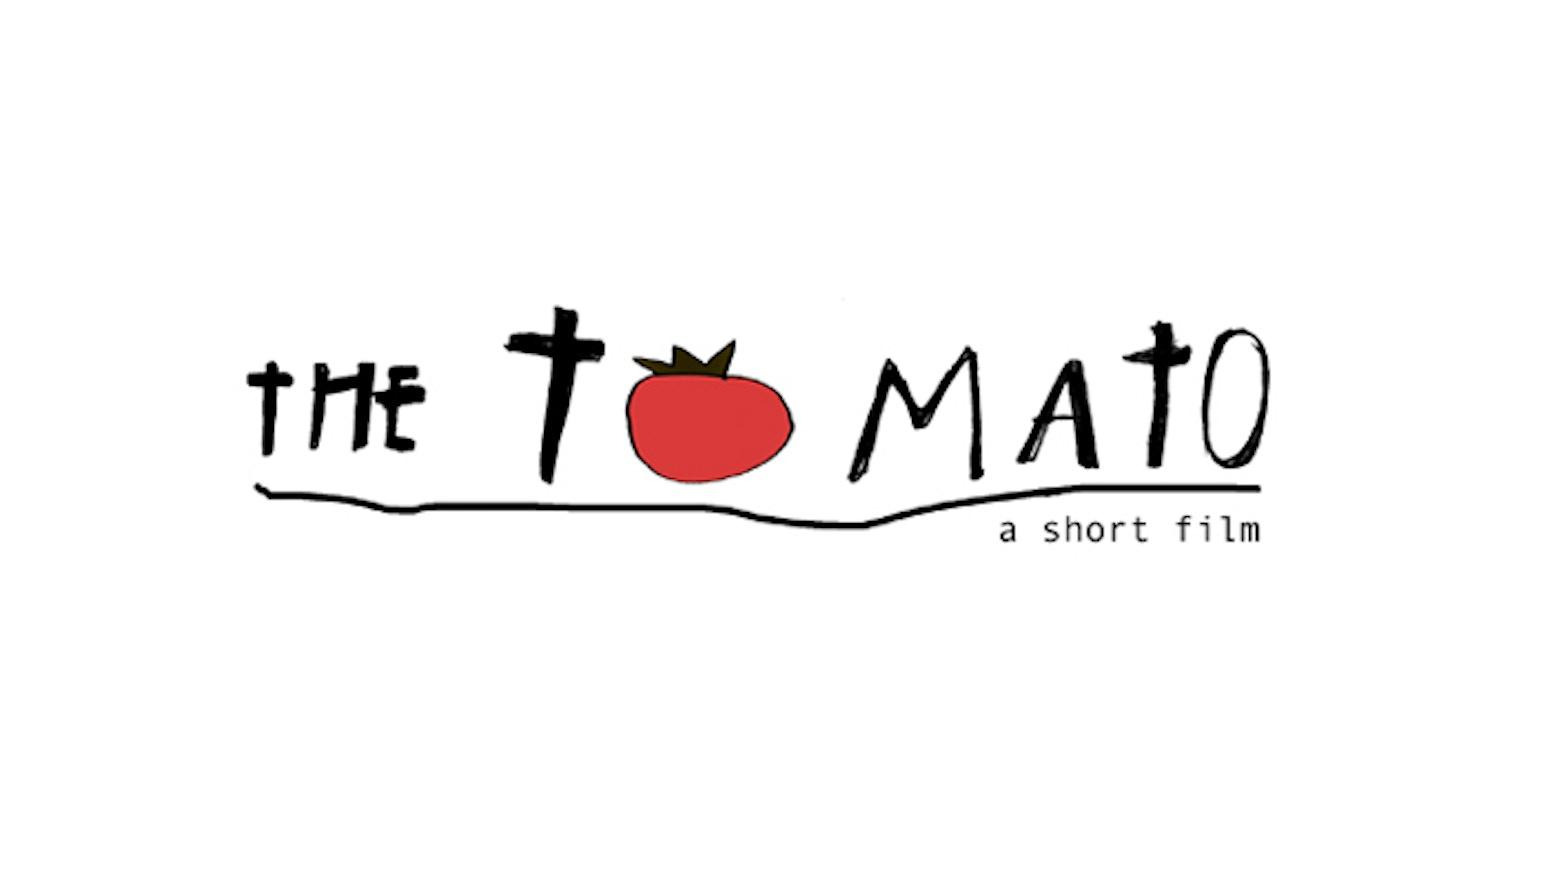 The Tomato by Tarek Turkey — Kickstarter